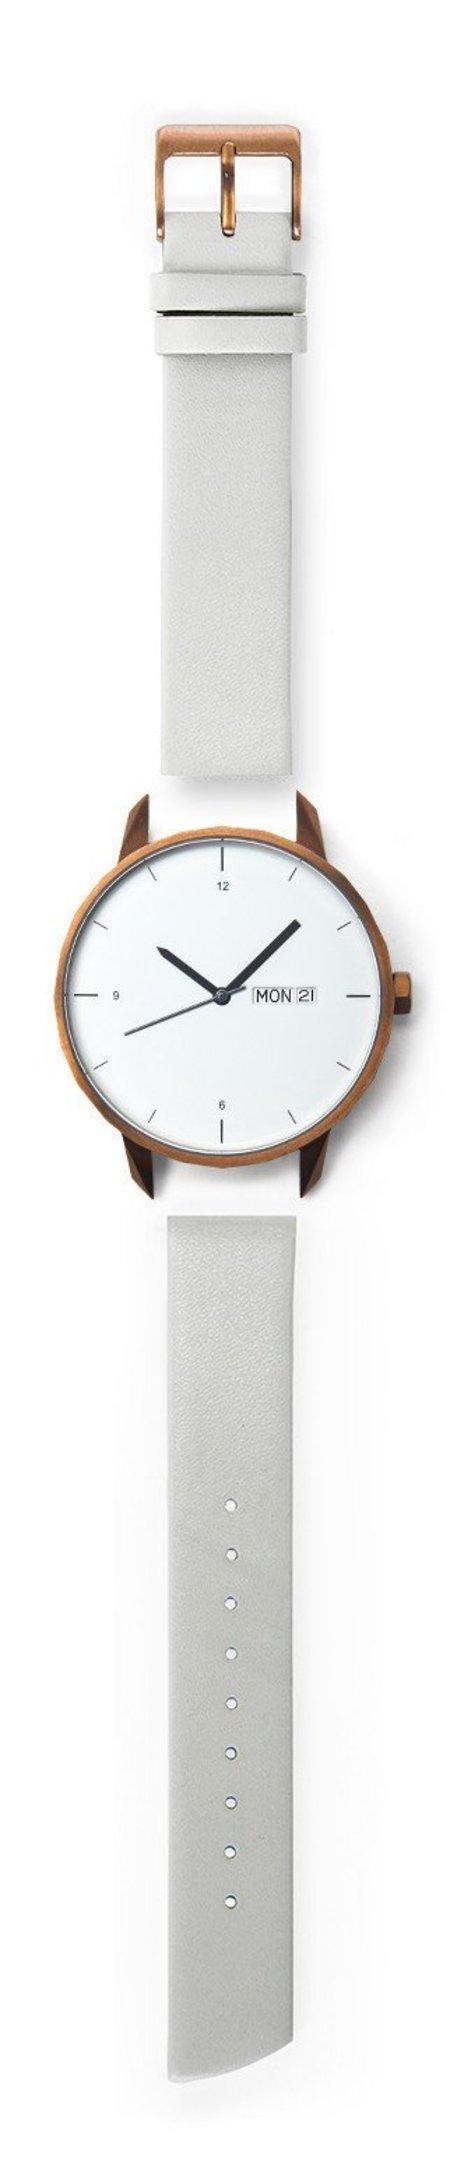 Unisex Tinker Watches 42mm Standard Strap Watch - Copper/Grey